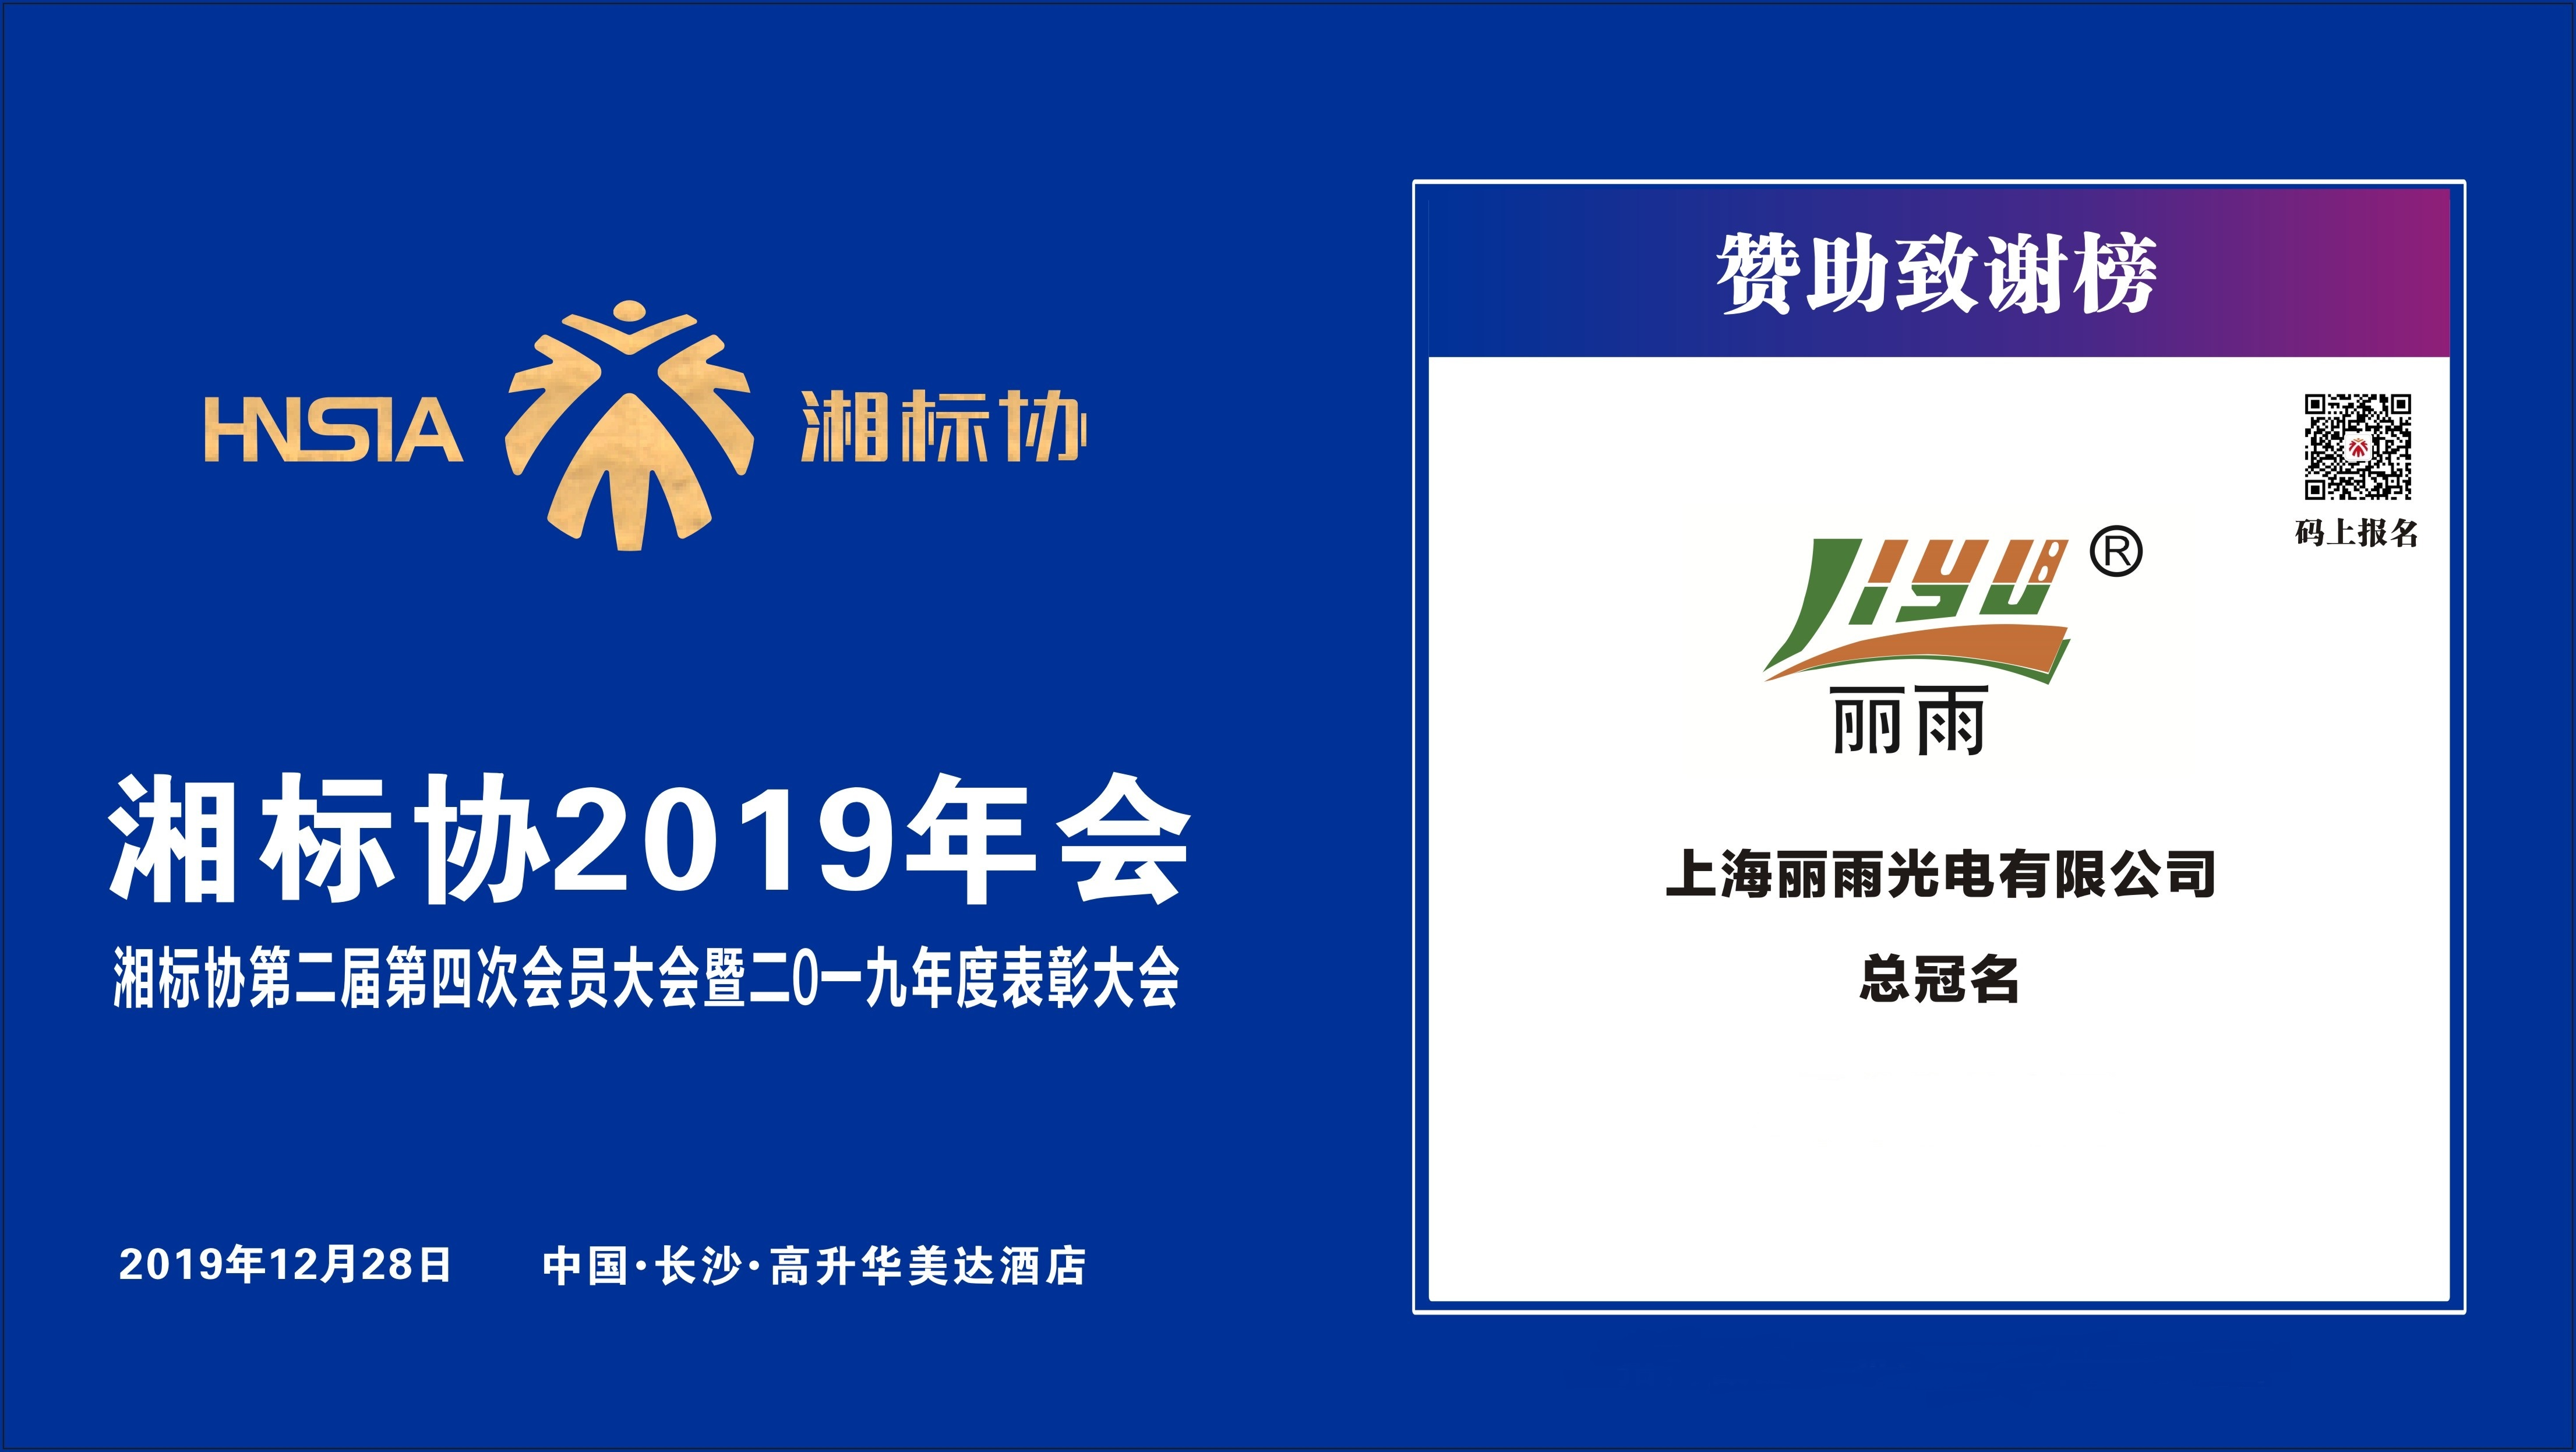 热烈祝贺丽雨获得湘标协2019年会总冠名单位!